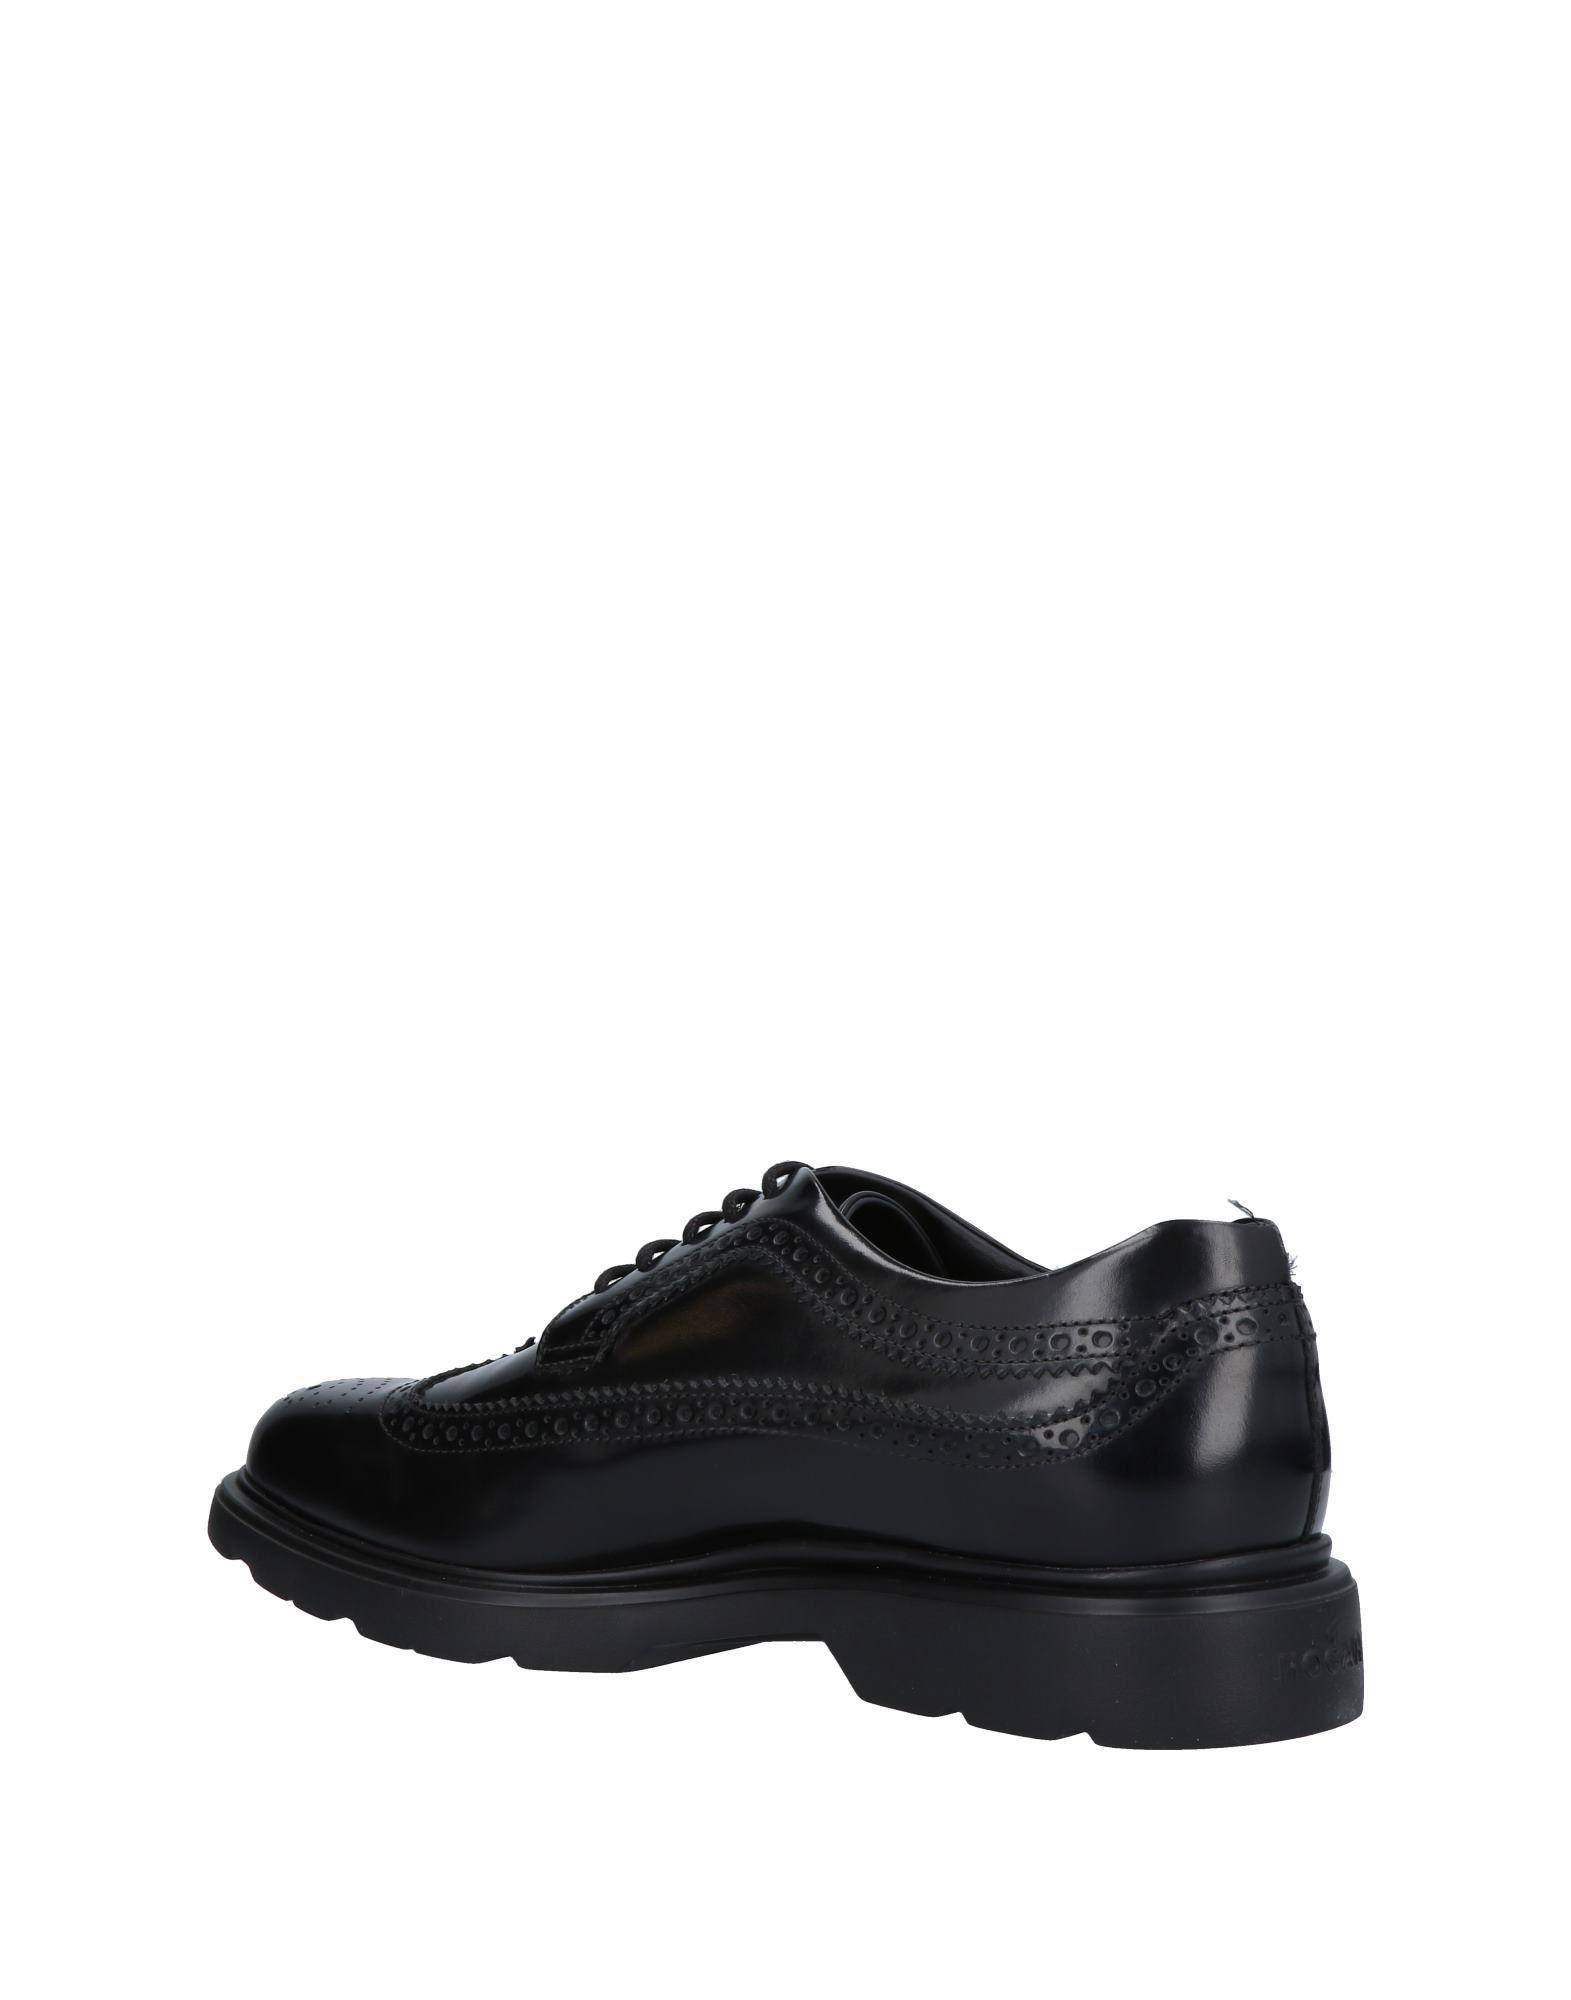 Hogan Schnürschuhe Herren  beliebte 11462018JE Gute Qualität beliebte  Schuhe 81bd21